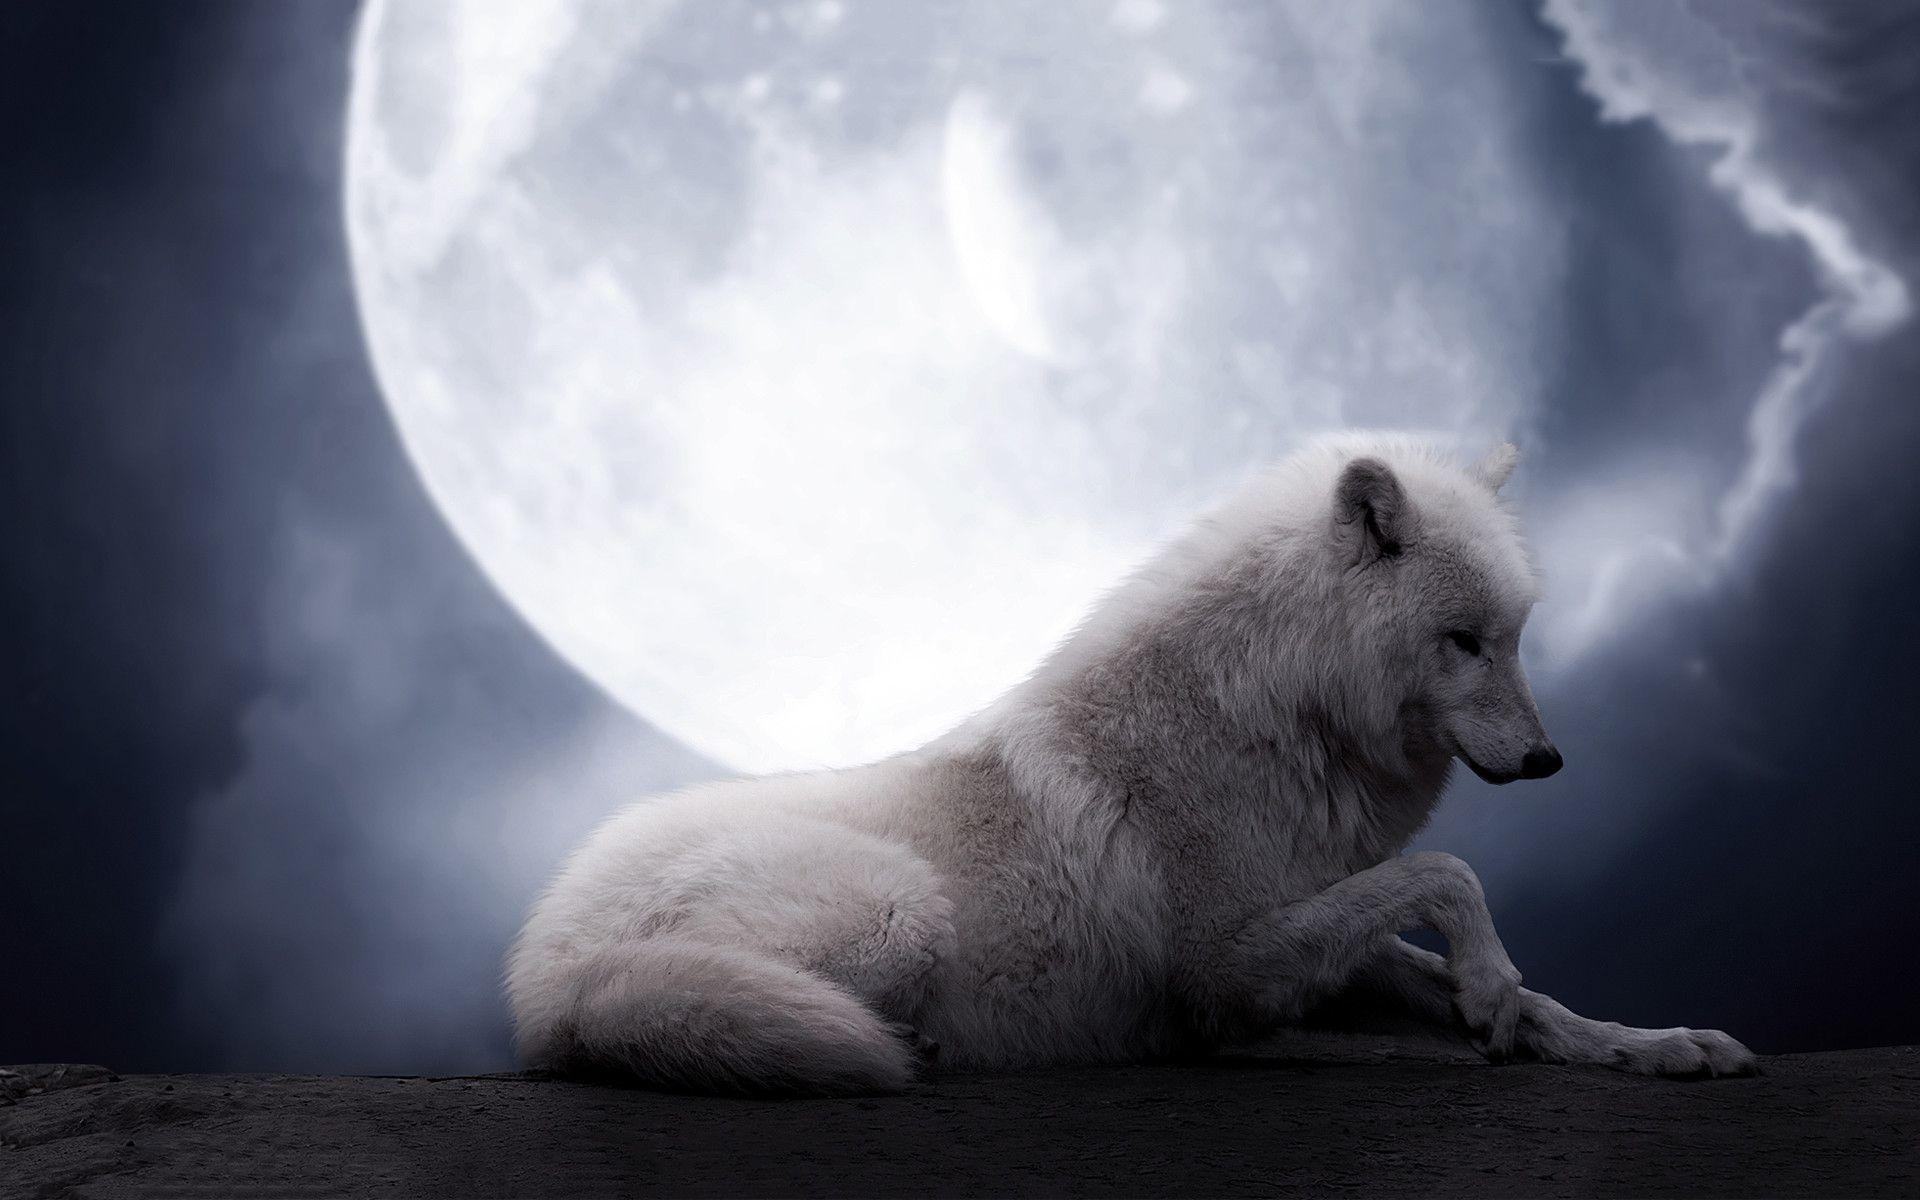 White Wolf Hd Desktop Wallpaper Widescreen High Definition Wolf